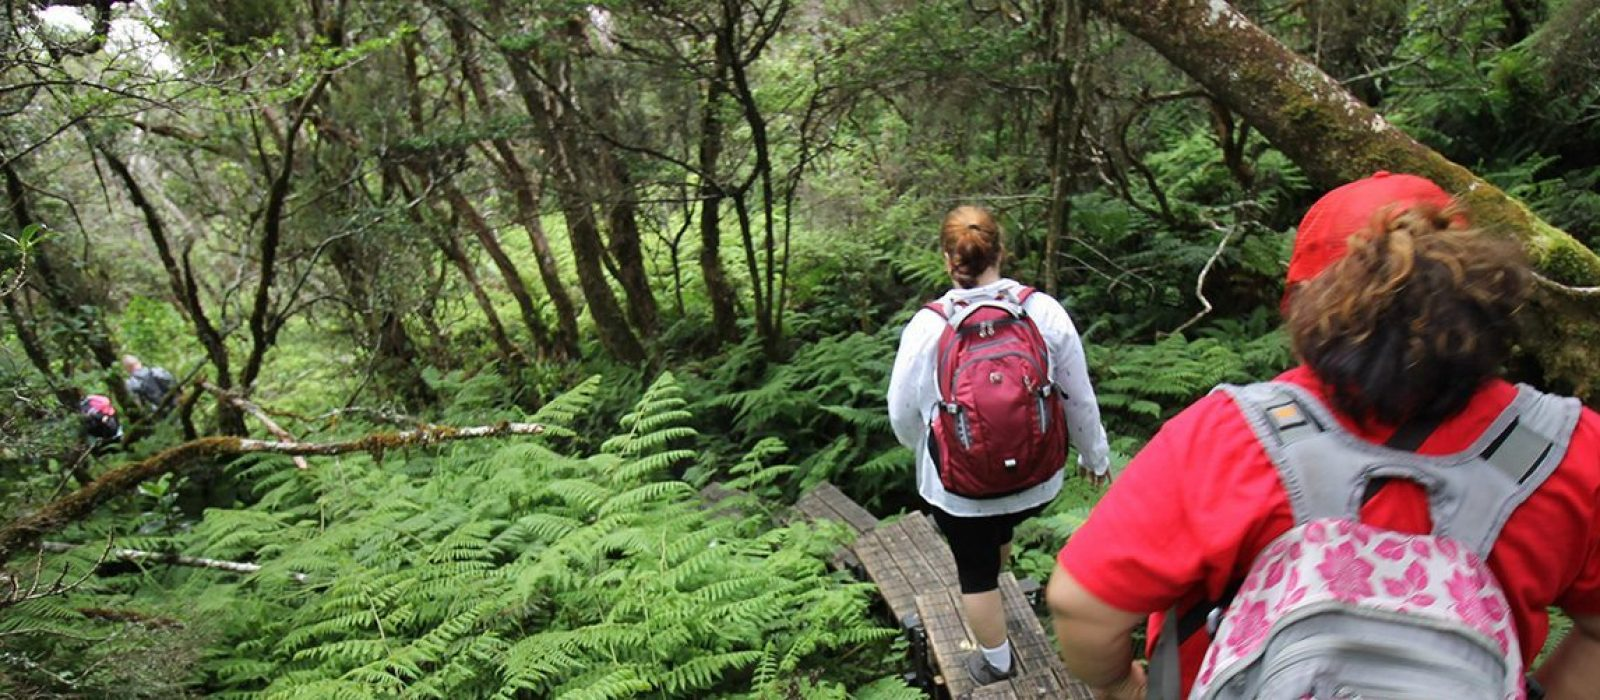 hiking among ferns